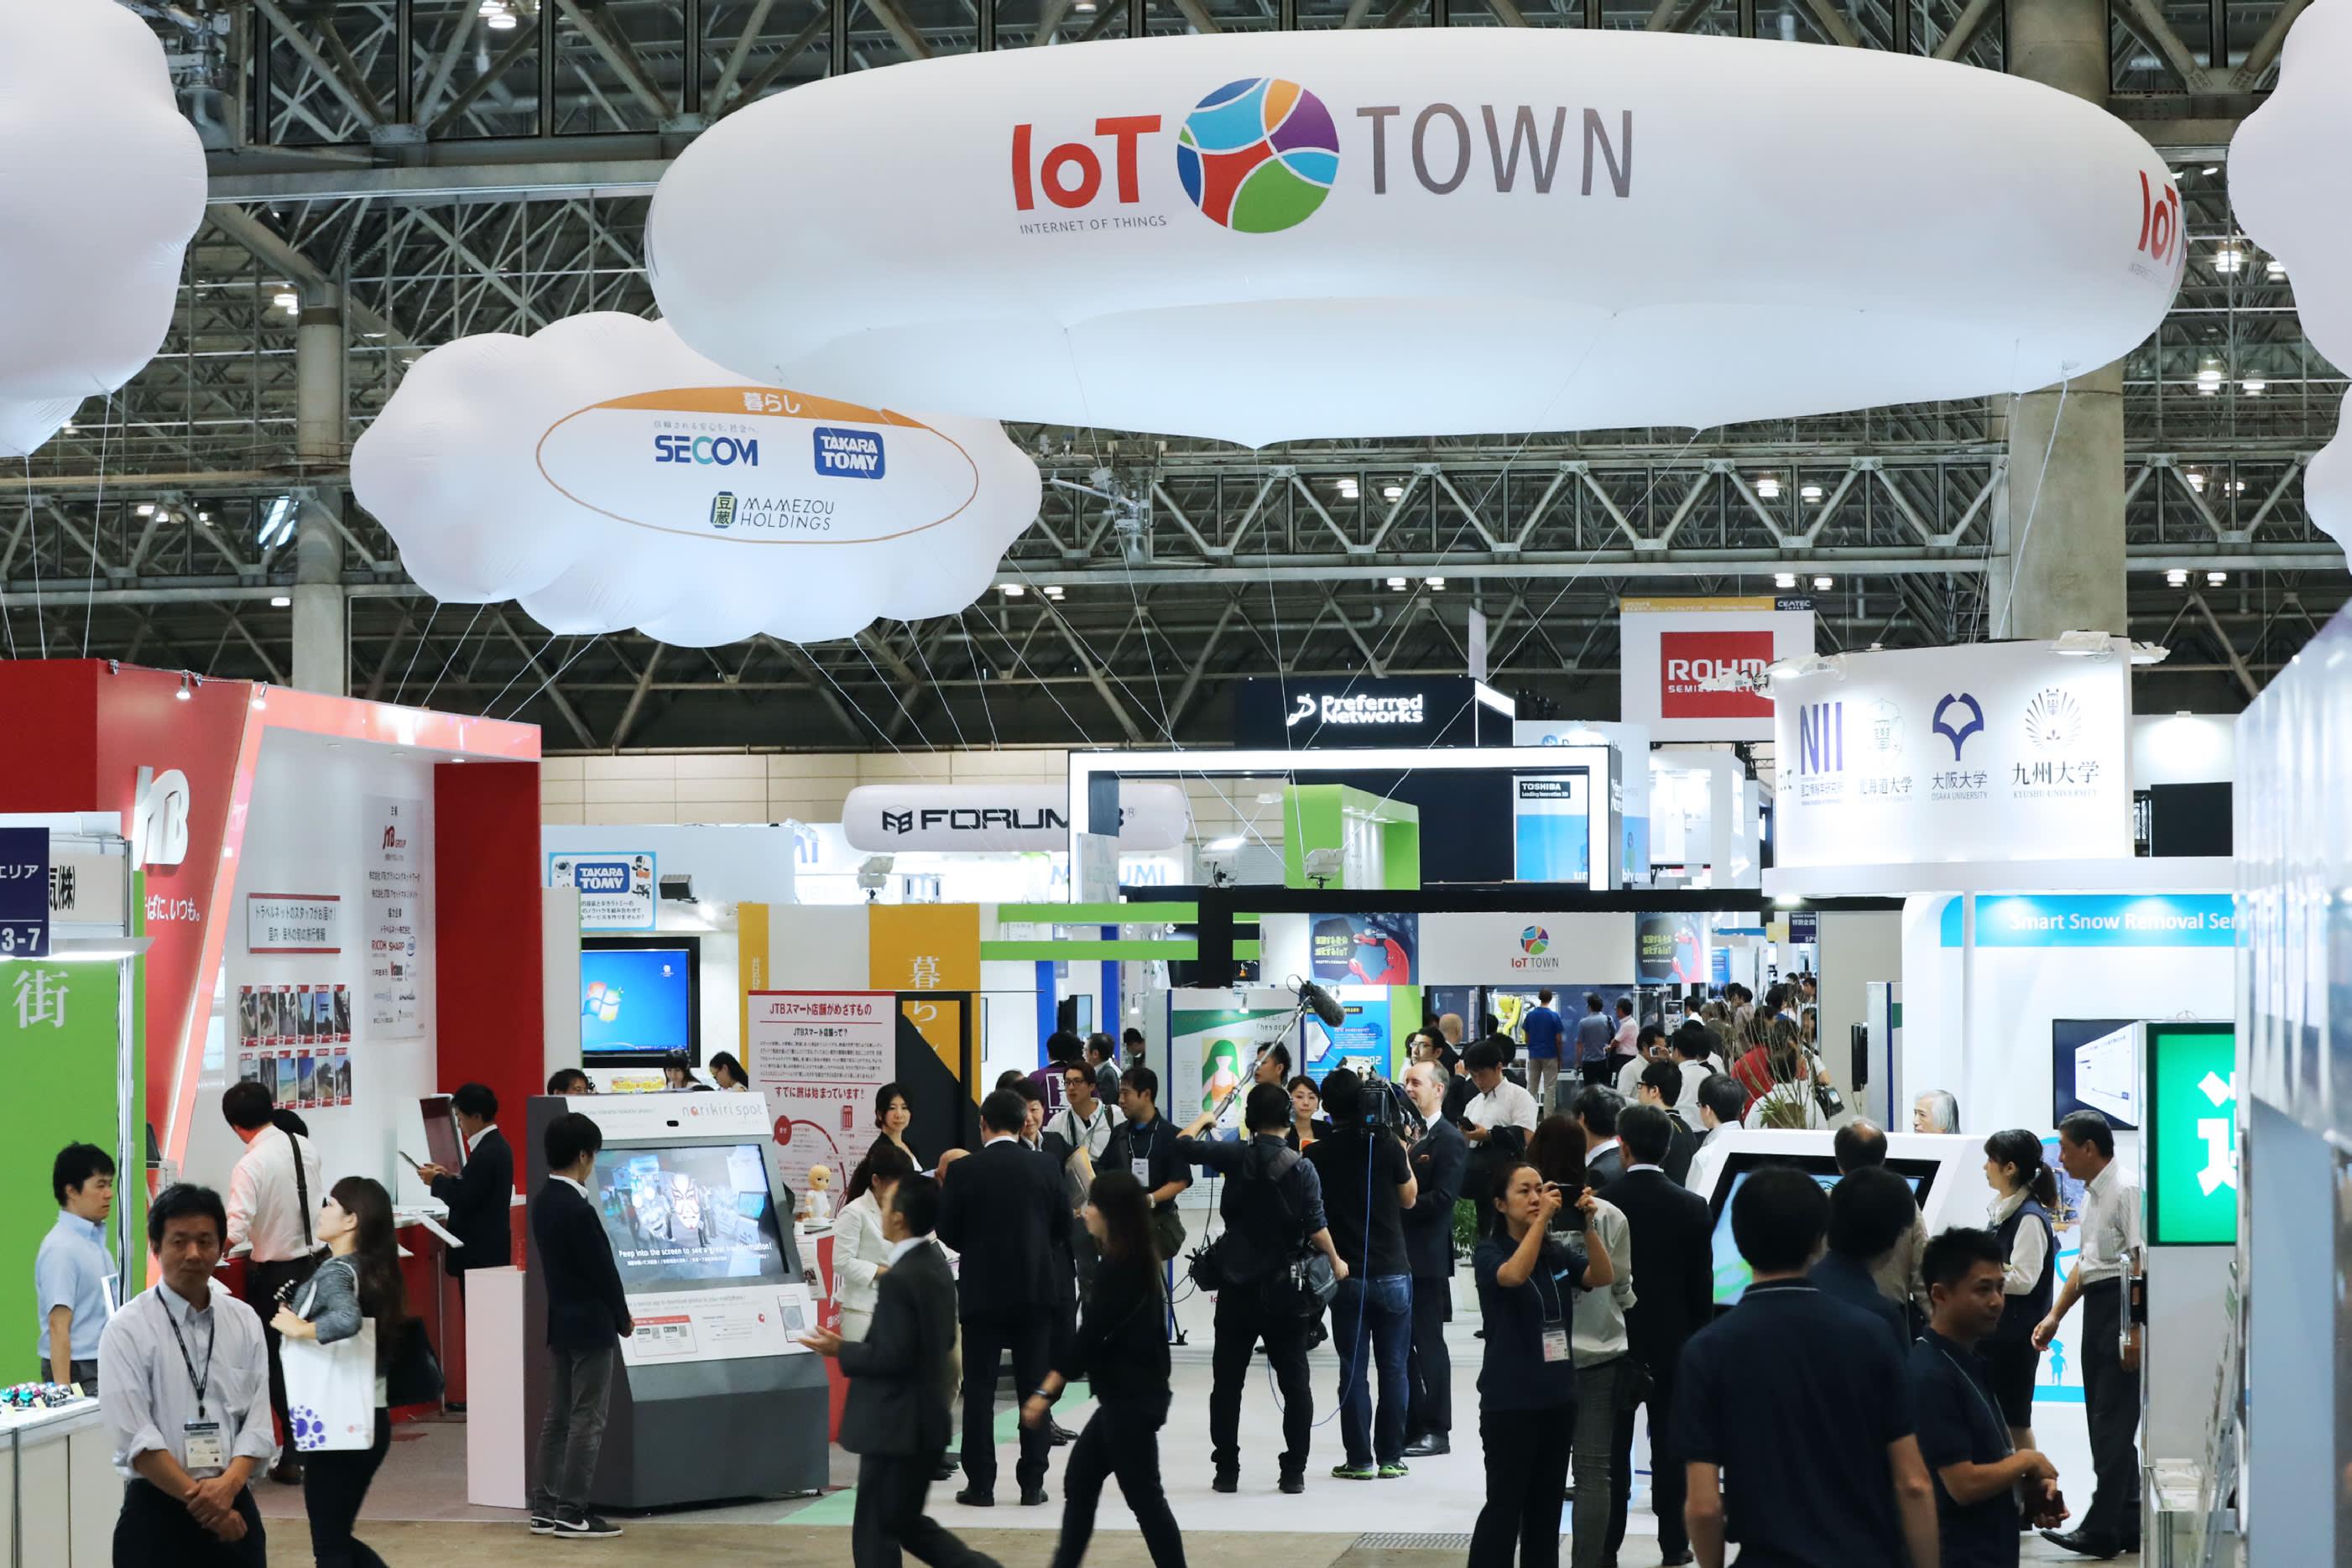 Thiếu hụt nhân sự trong ngành IT đang thúc đẩy Nhật Bản đưa việc lập trình thành môn học bắt buộc từ tiểu học.